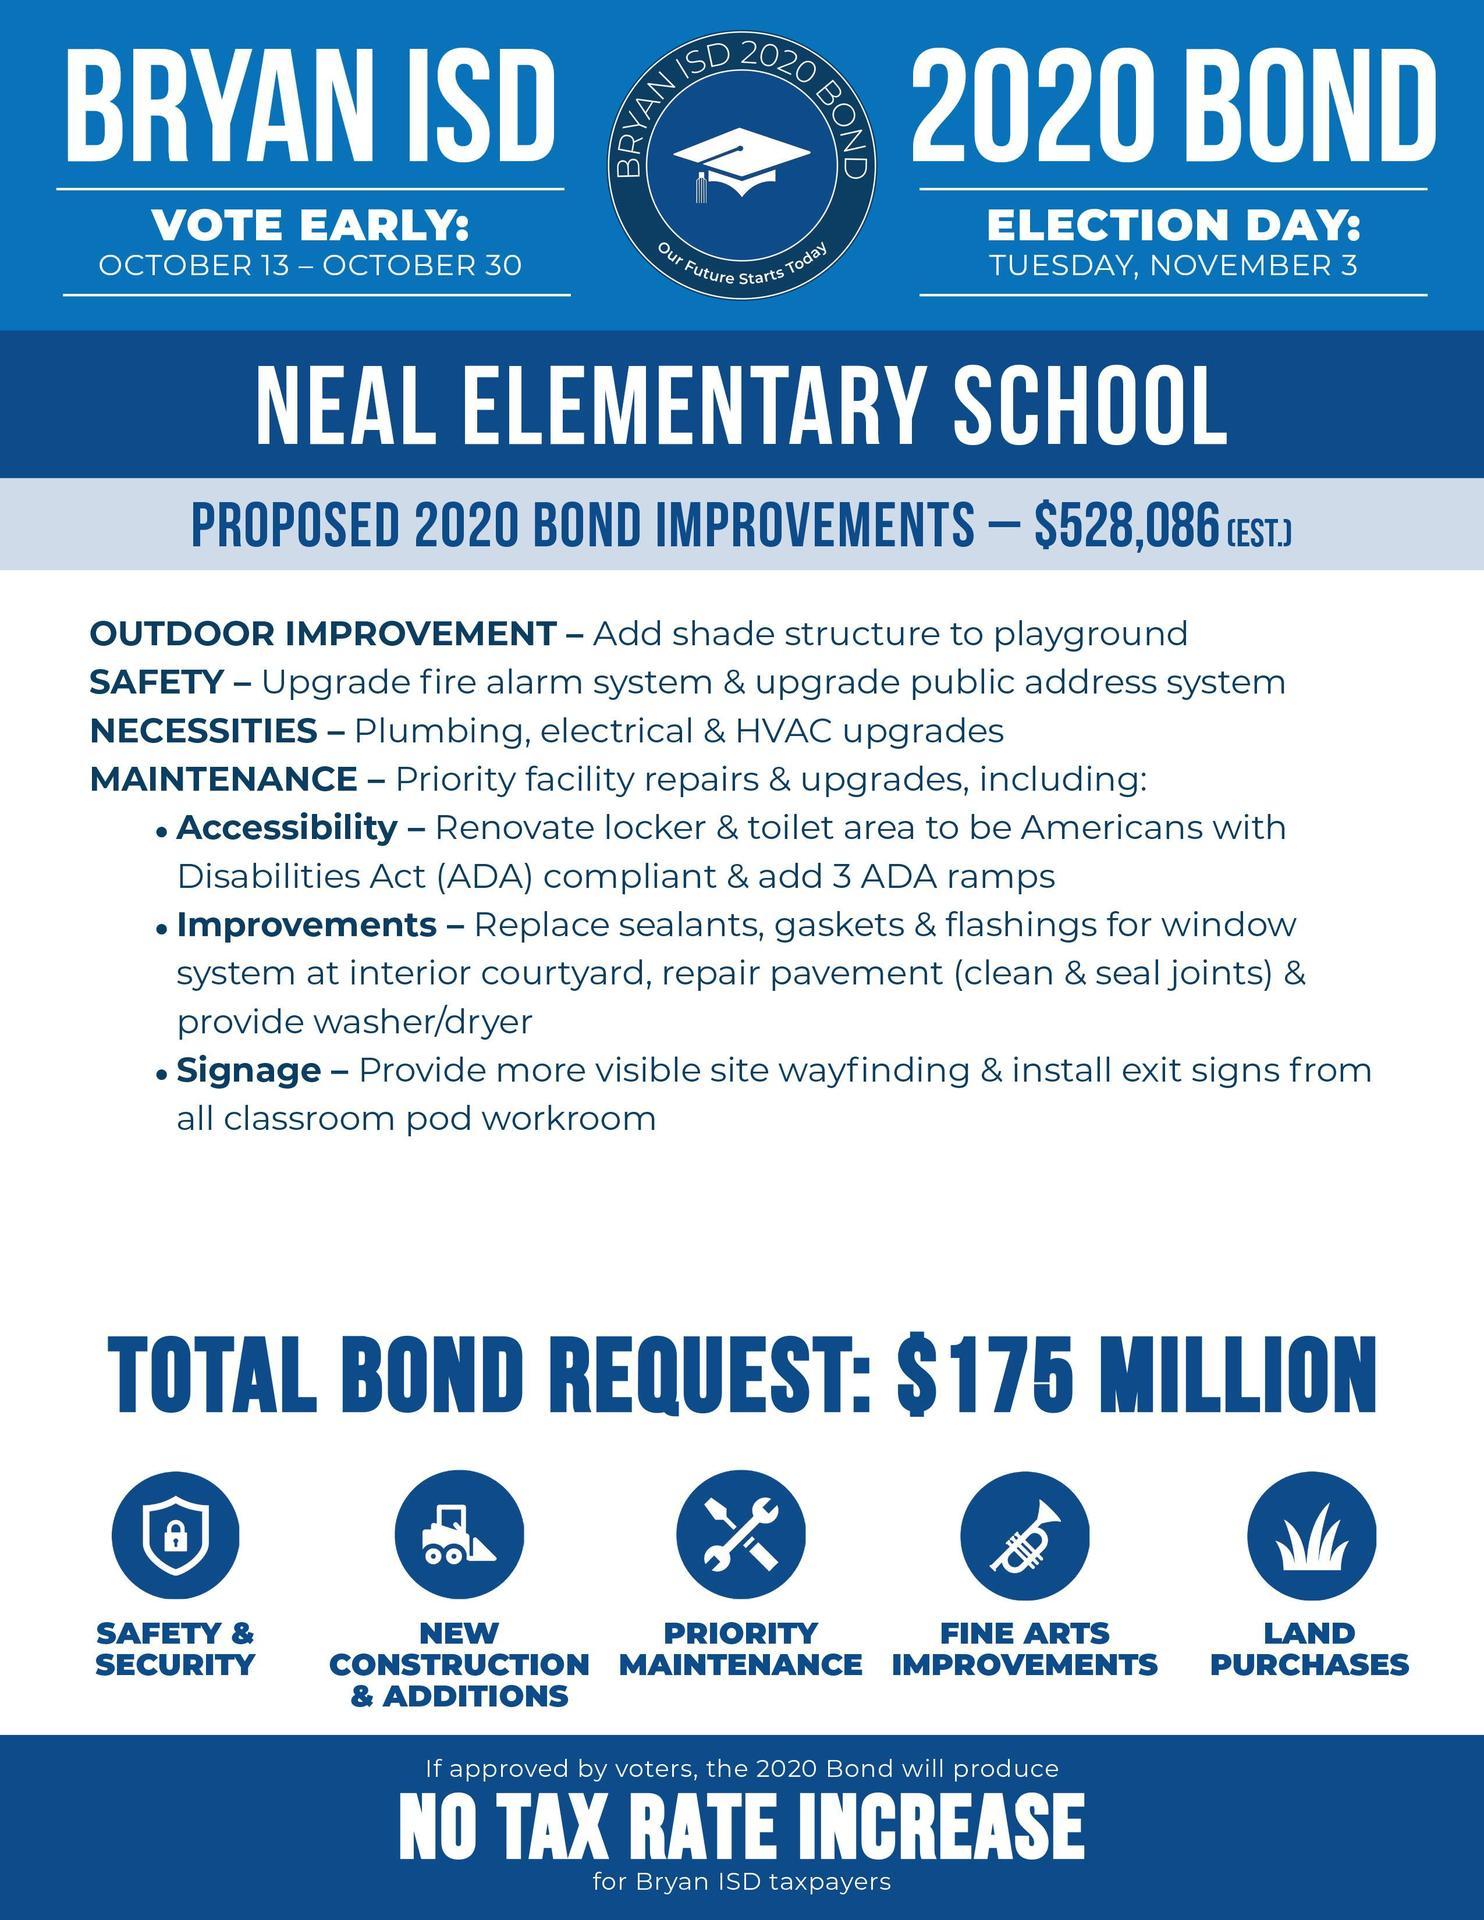 Neal Elementary School